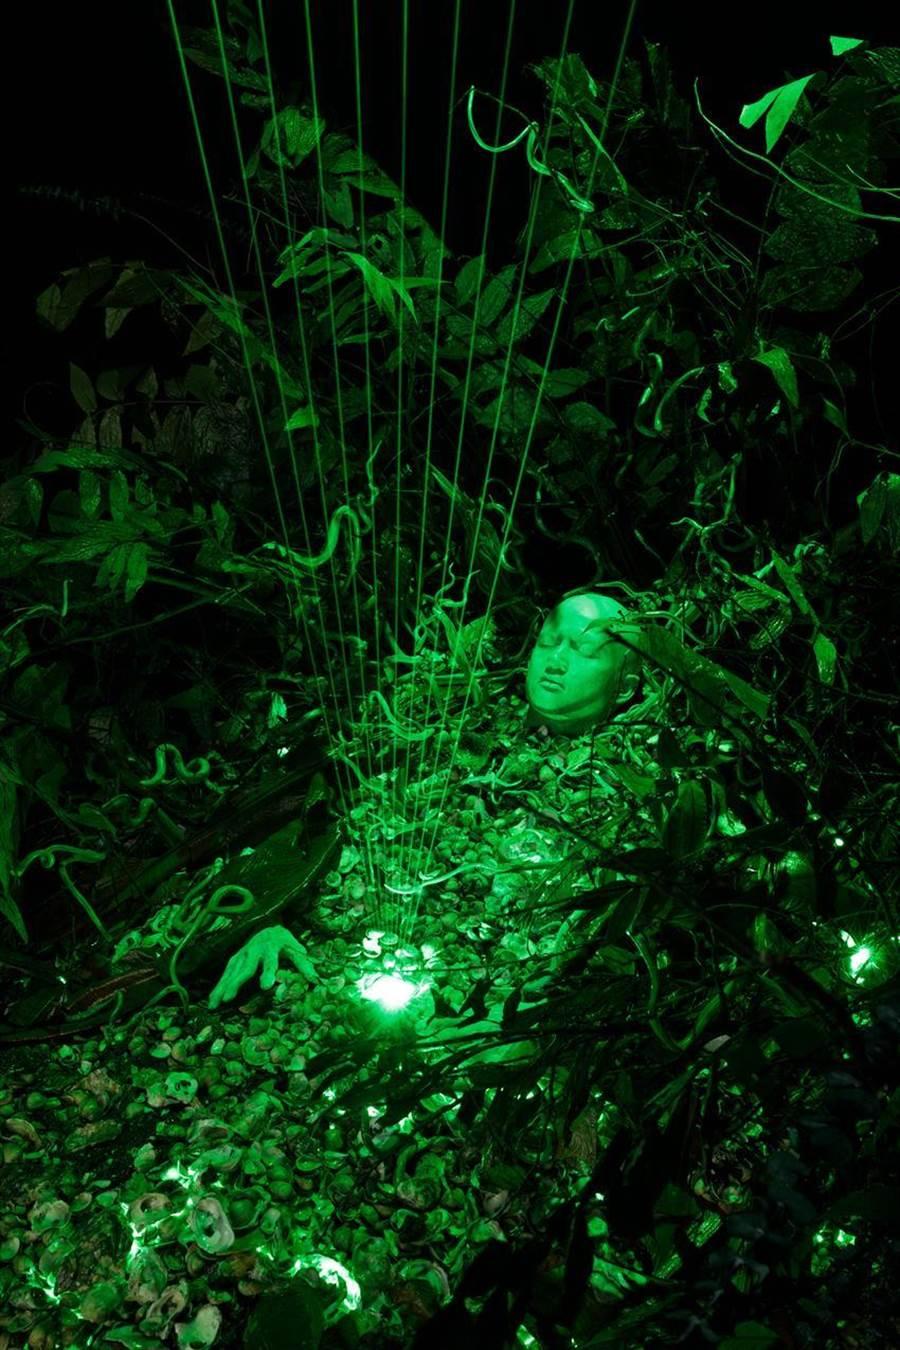 泰國藝術家寇拉克里.阿讓諾度才、美國藝術家亞歷克斯.格沃伊奇的最新共同創作,取材自泰國12名孩童與足球教練受困洞窟中被拯救事件。(圖/國美館)